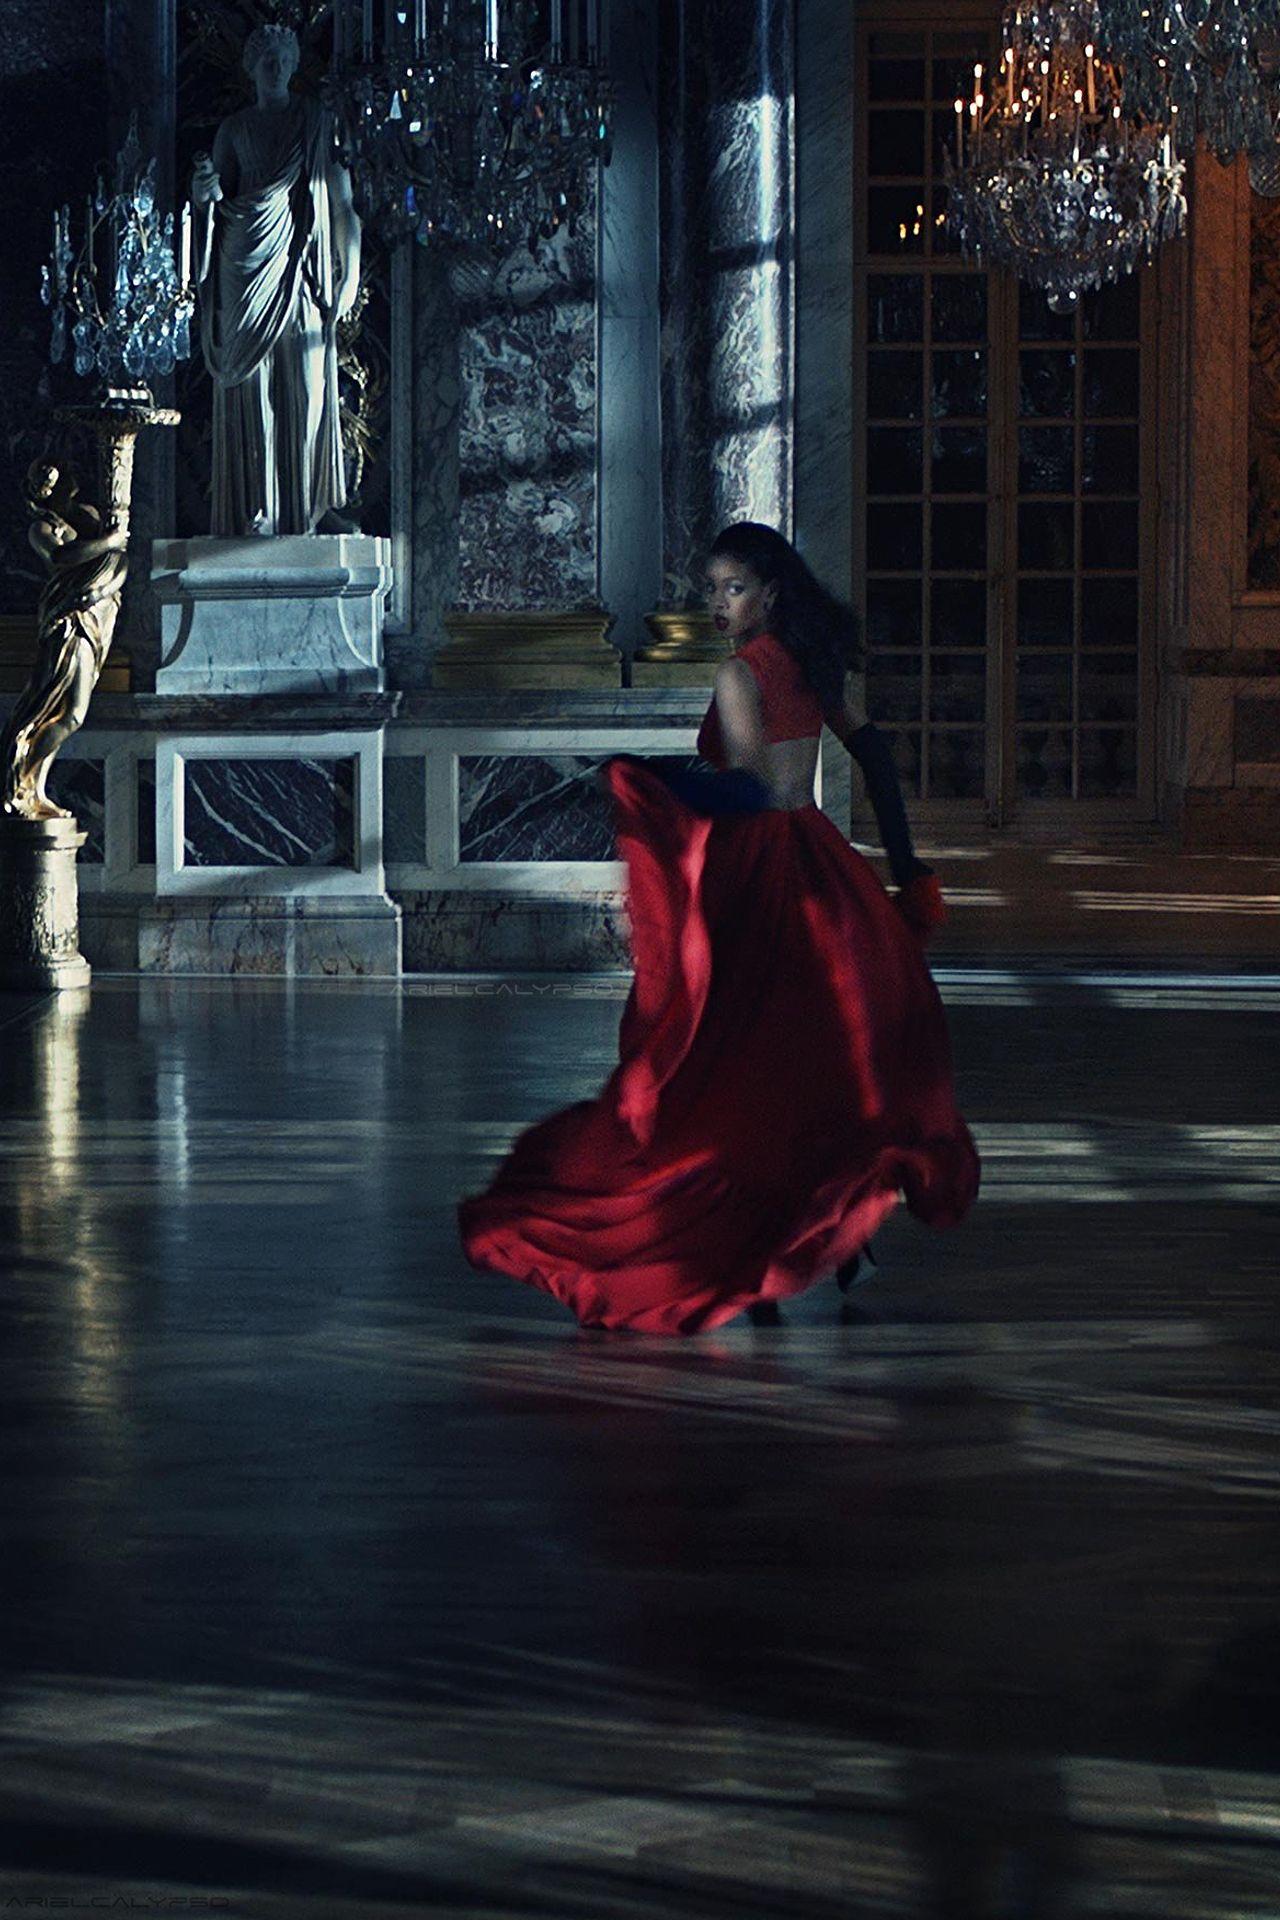 bb62c3177b28 Rihanna by Steven Klein for Dior Secret Garden 2015  Château de Versailles